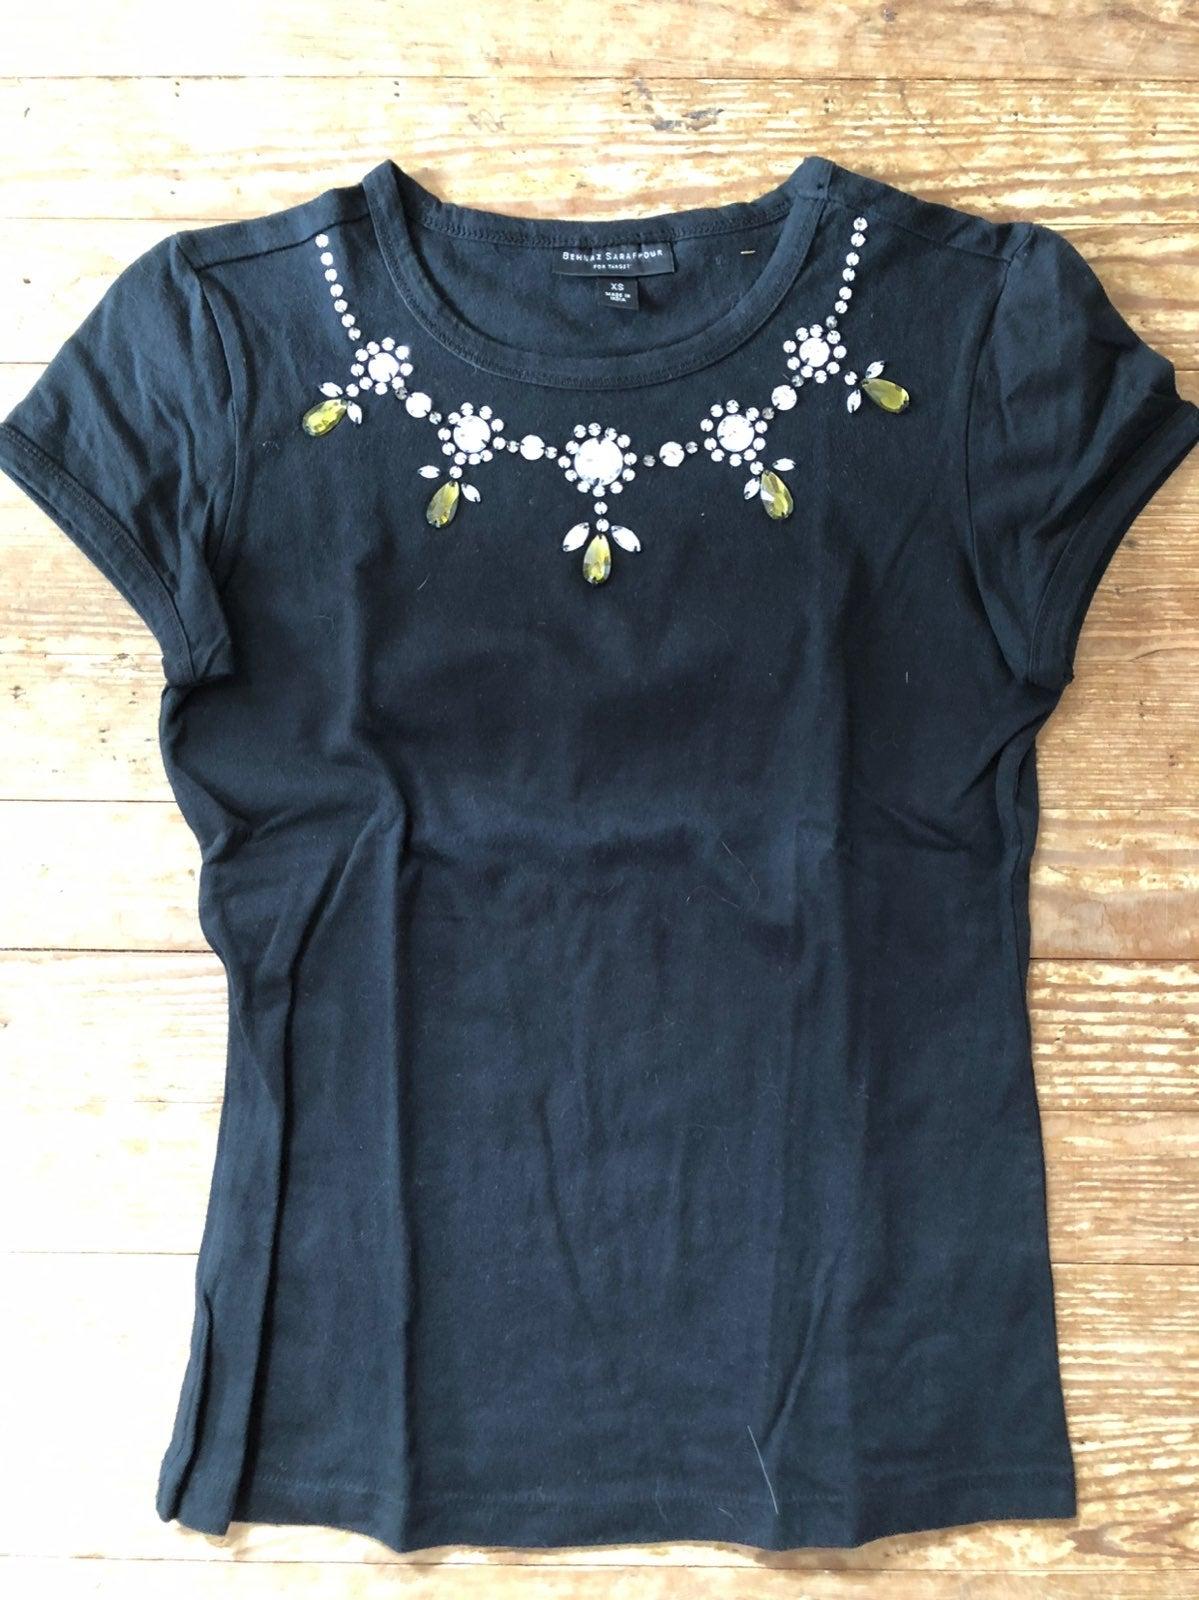 Behnaz Sarapour/Target Jeweled Tee Shirt